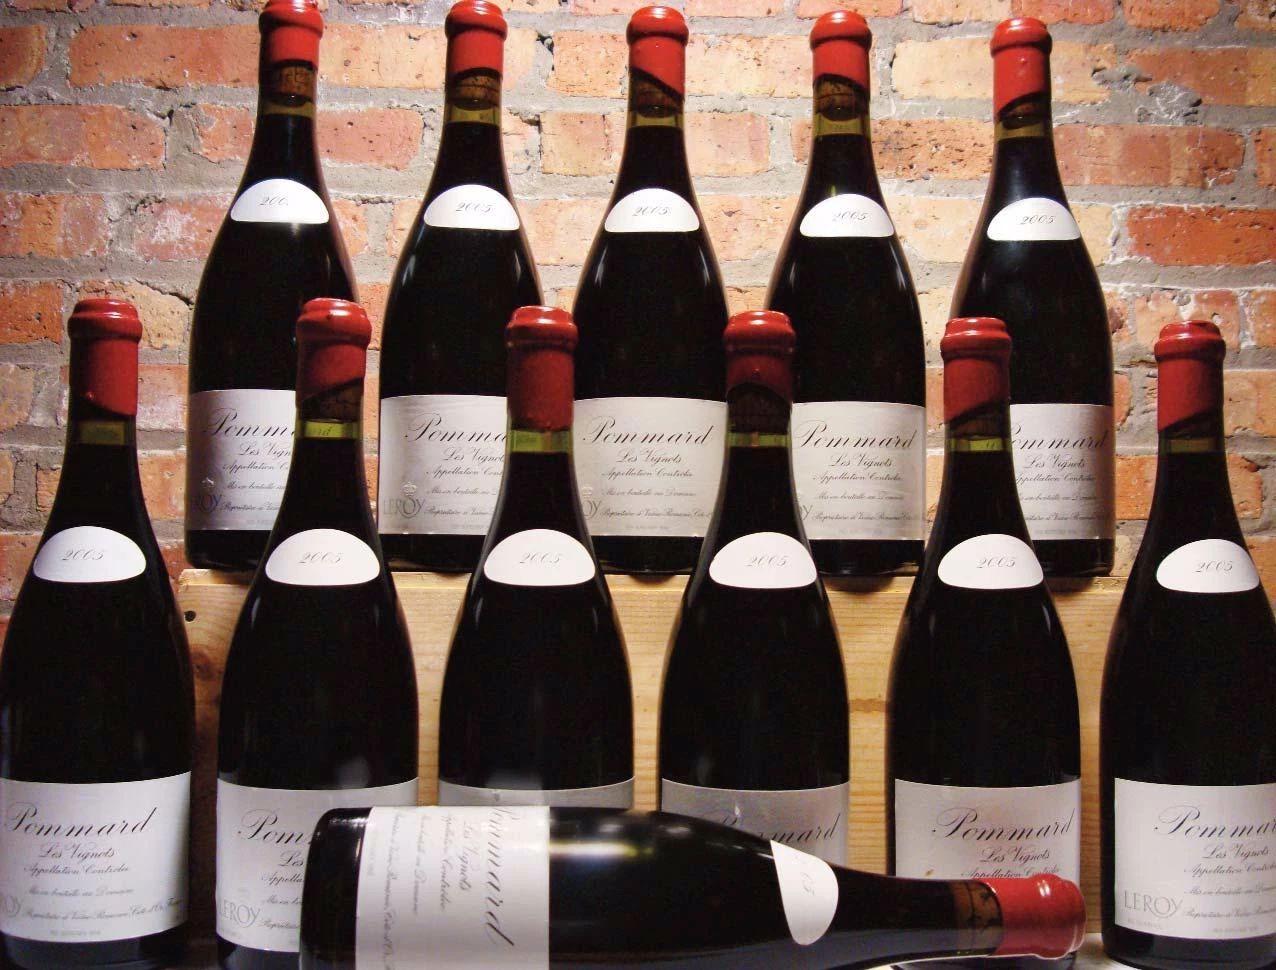 2019全球十佳葡萄酒出炉,榜首不是DRC